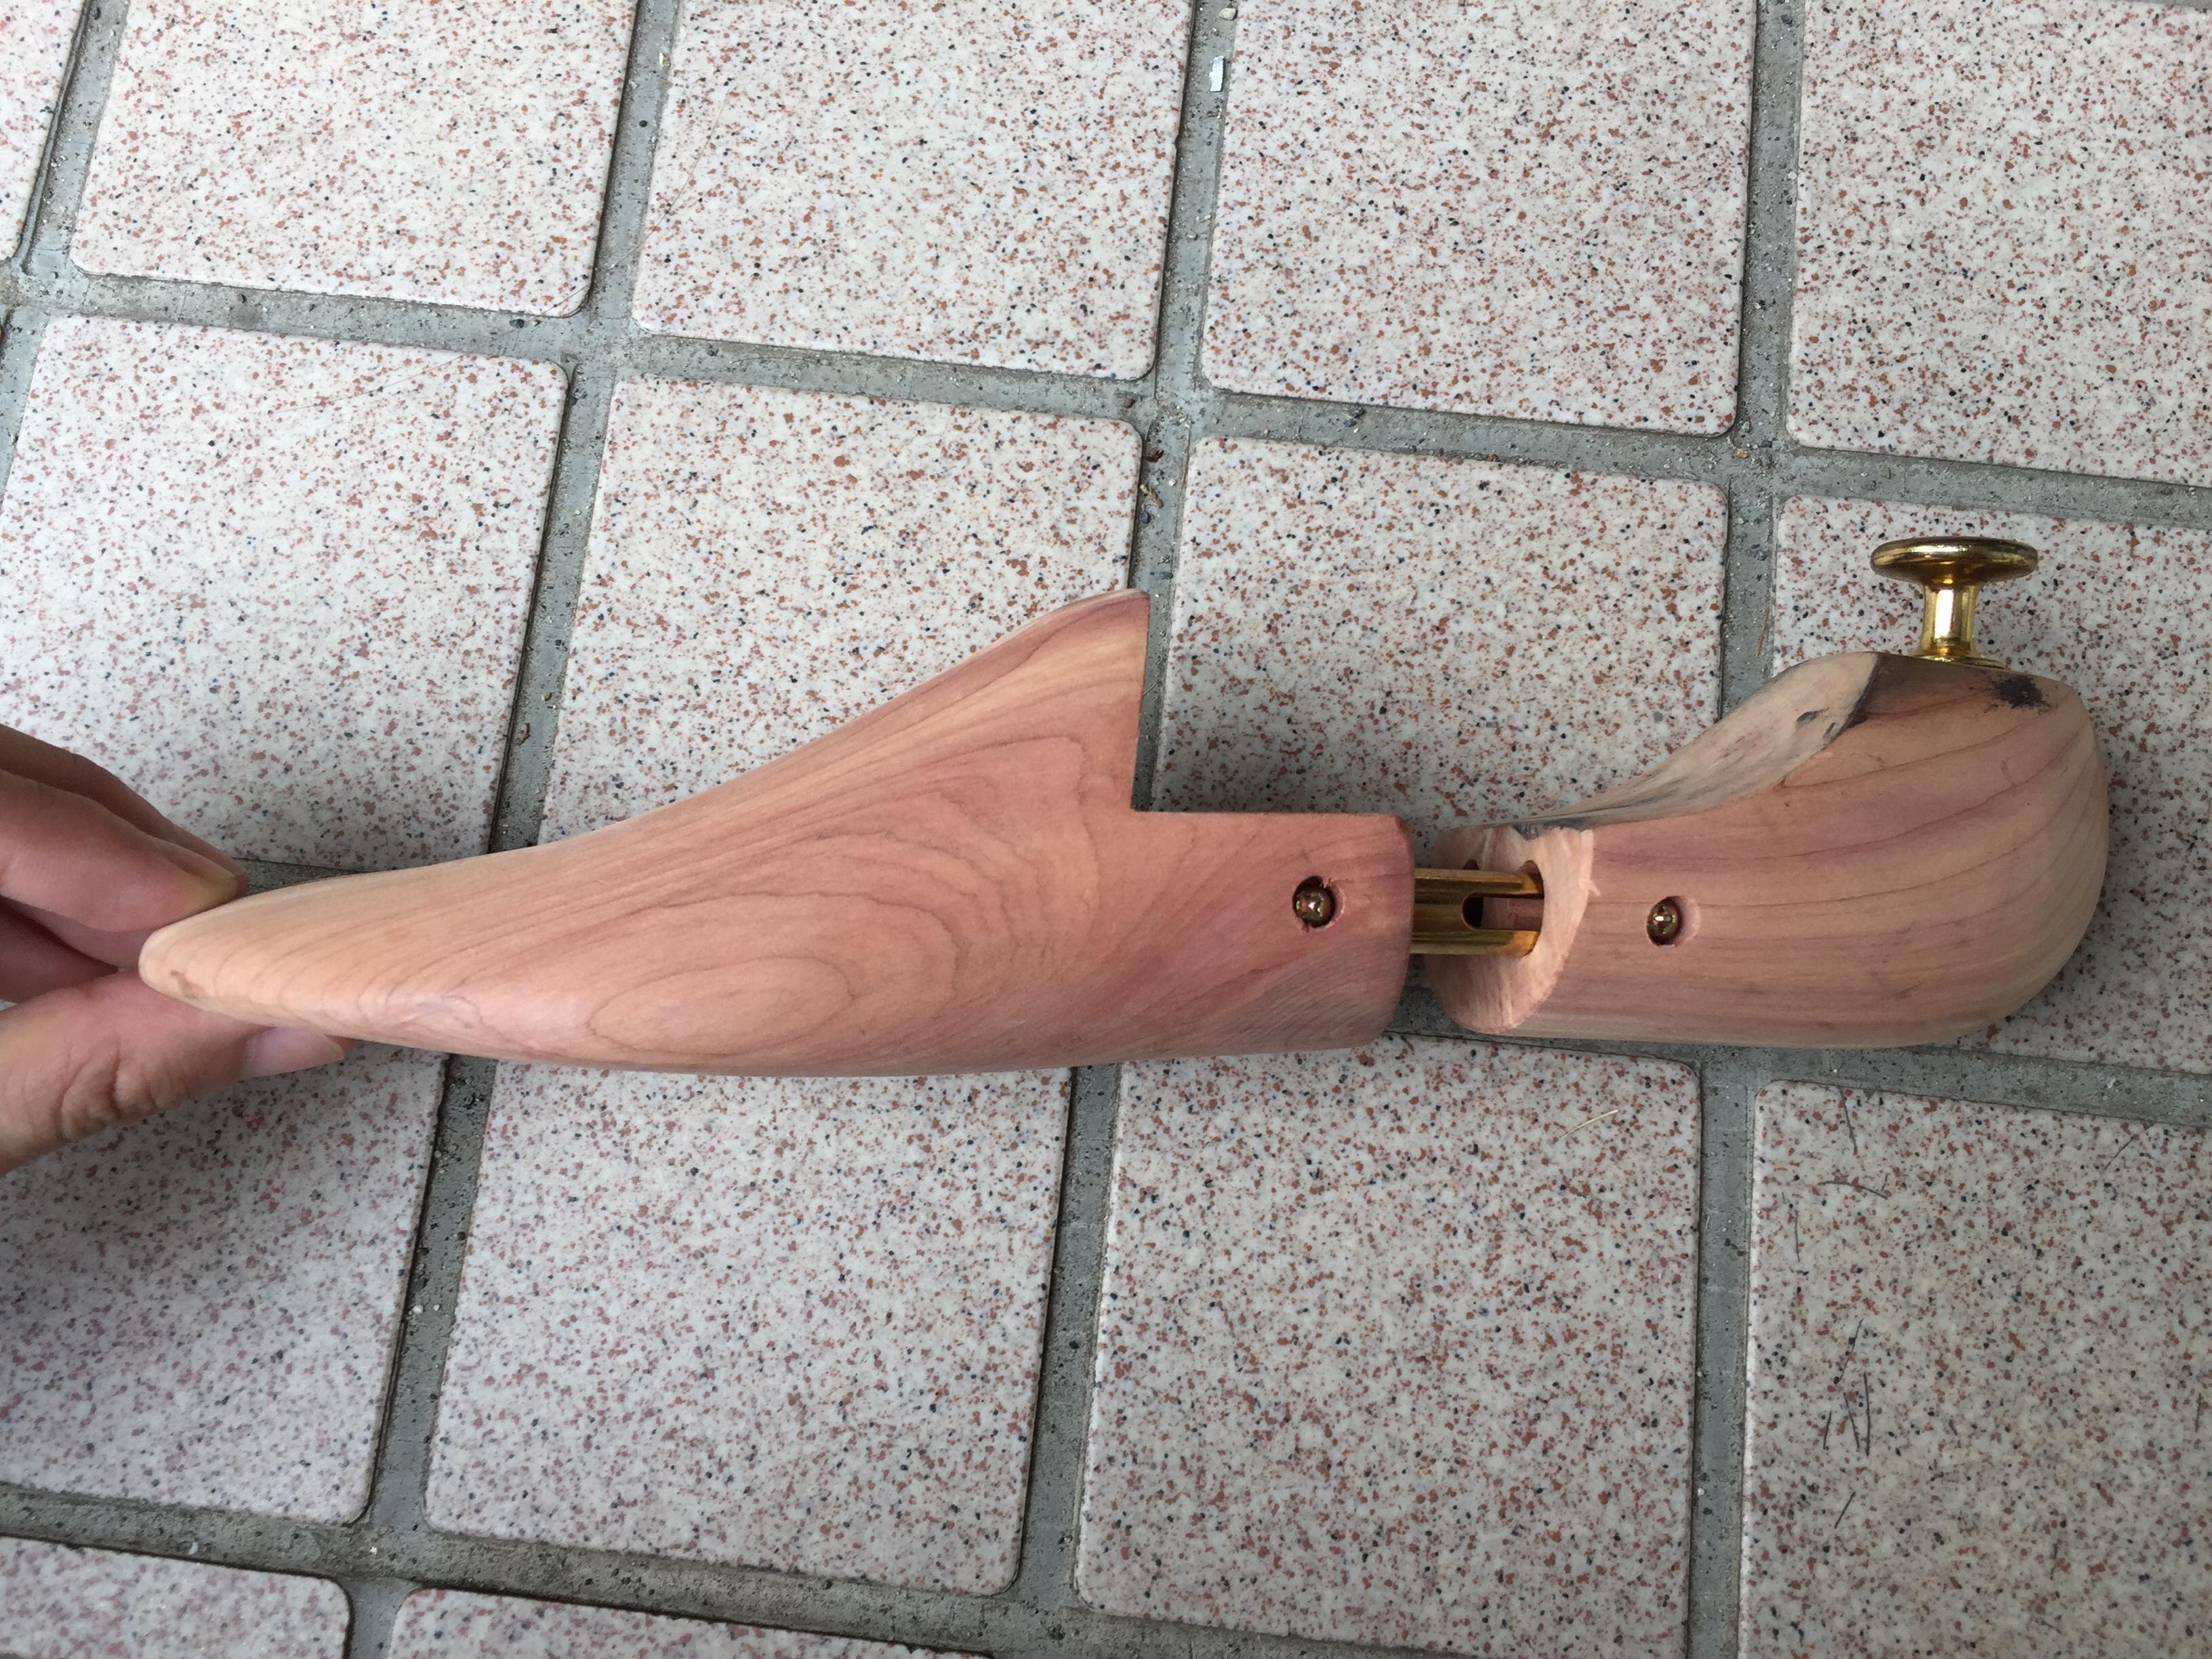 Amazonの木製シューキーパー